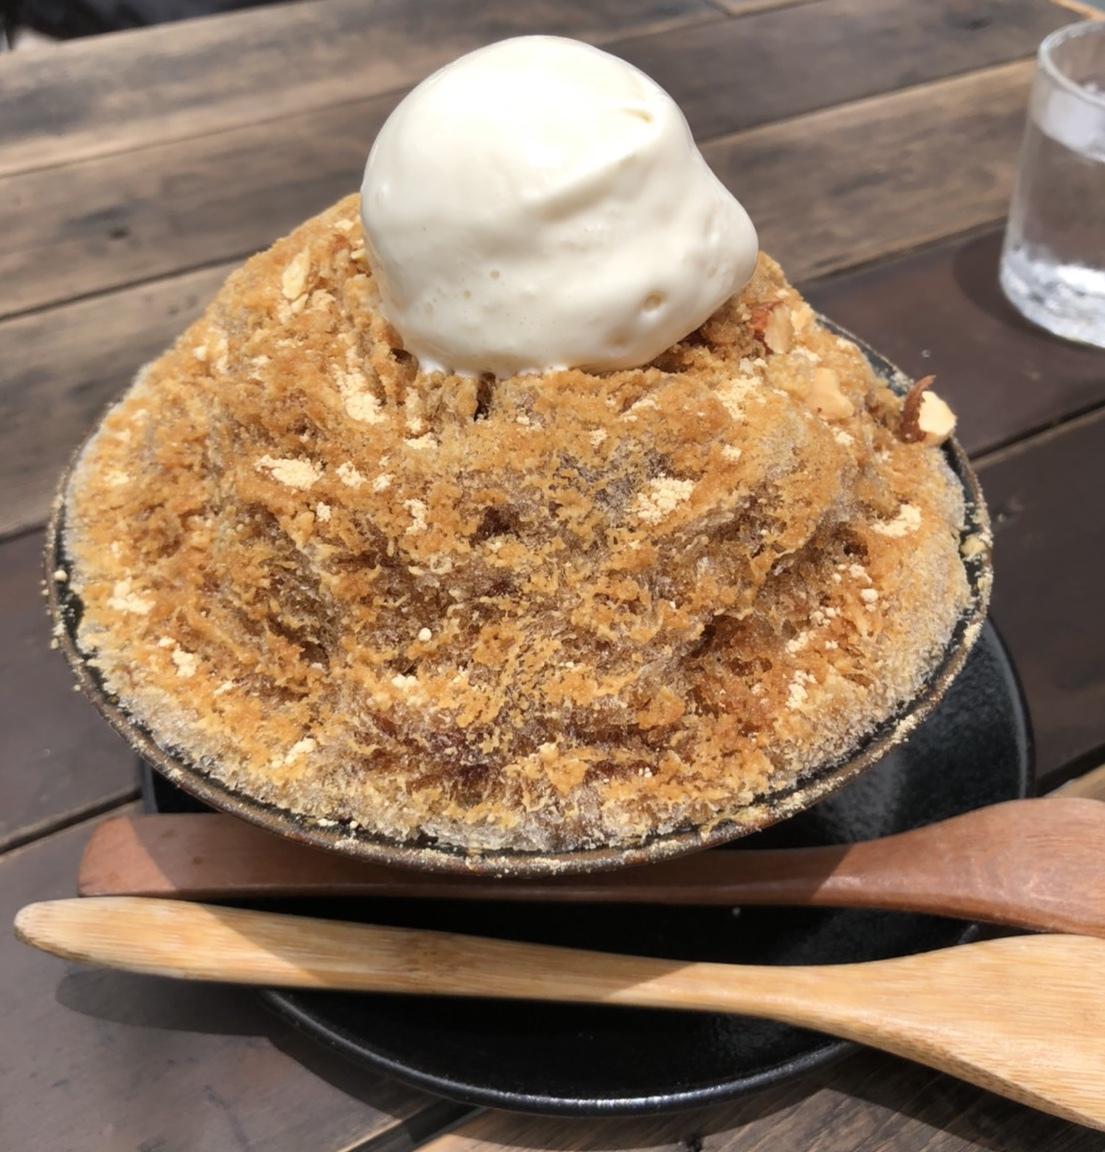 休憩にぴったり!人気のカフェでカキ氷を食べるべし!